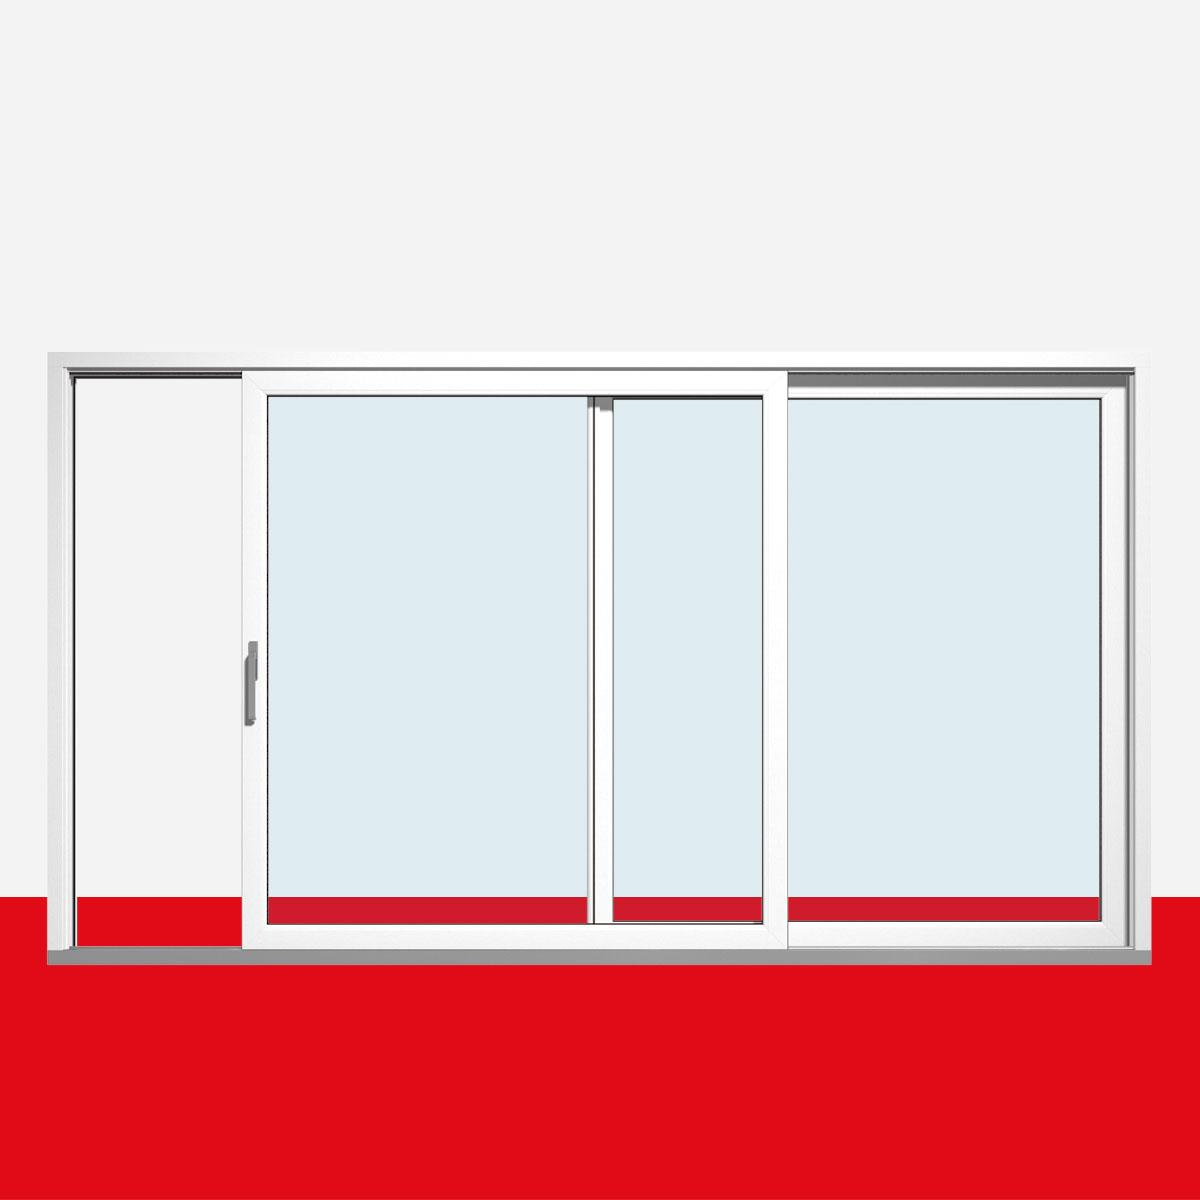 hebe schiebet r kunststoff shogun af shop hebe schiebet ren innen wei aussen farbig. Black Bedroom Furniture Sets. Home Design Ideas